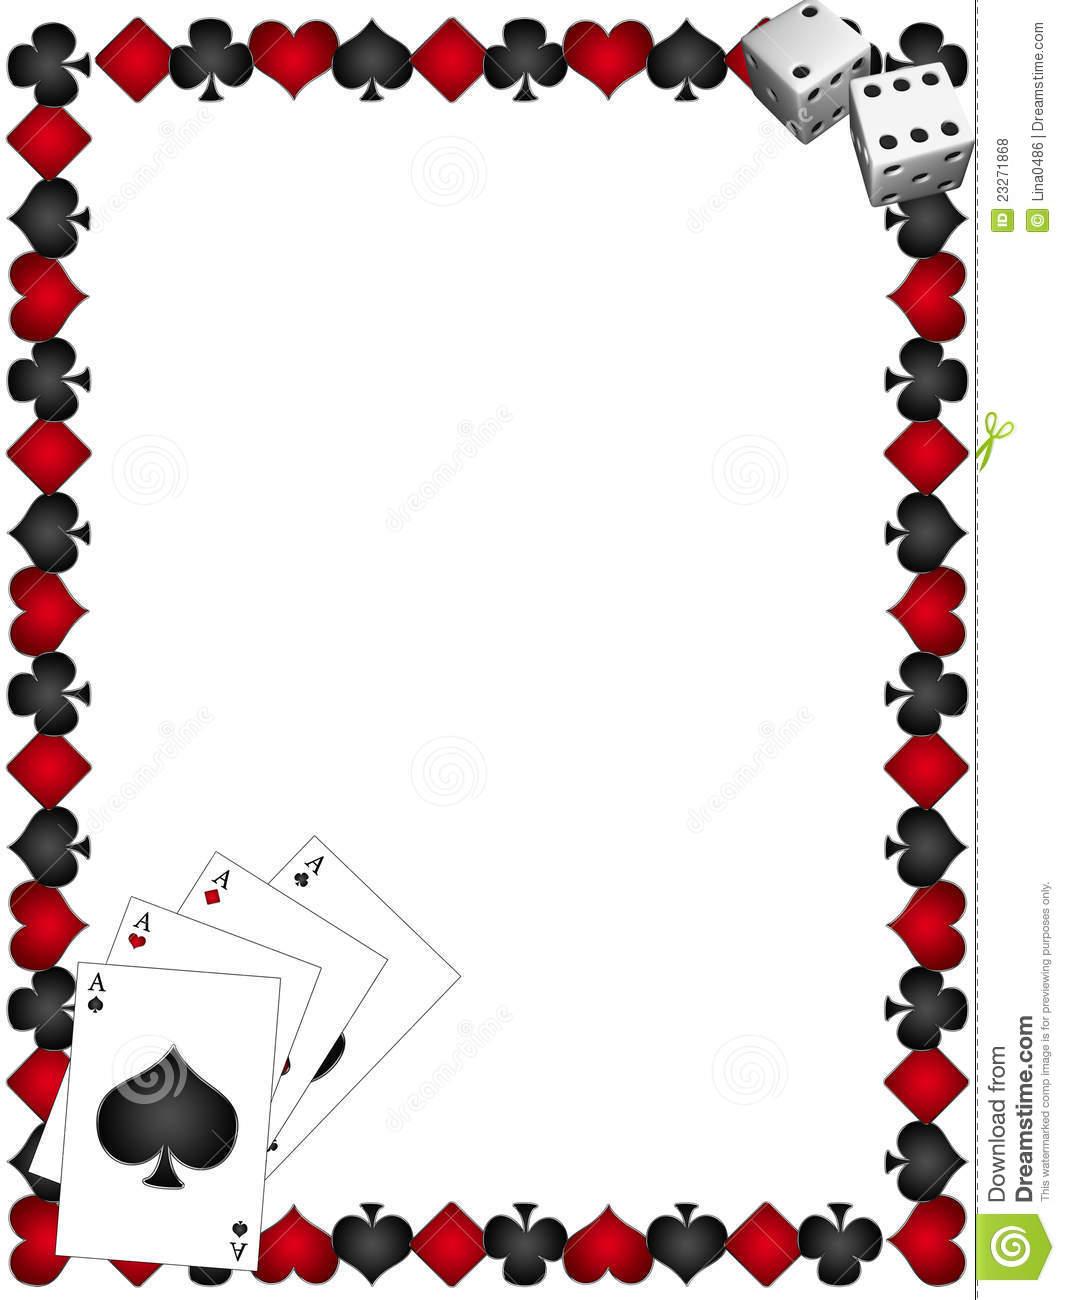 Gambling Clipart Borders.